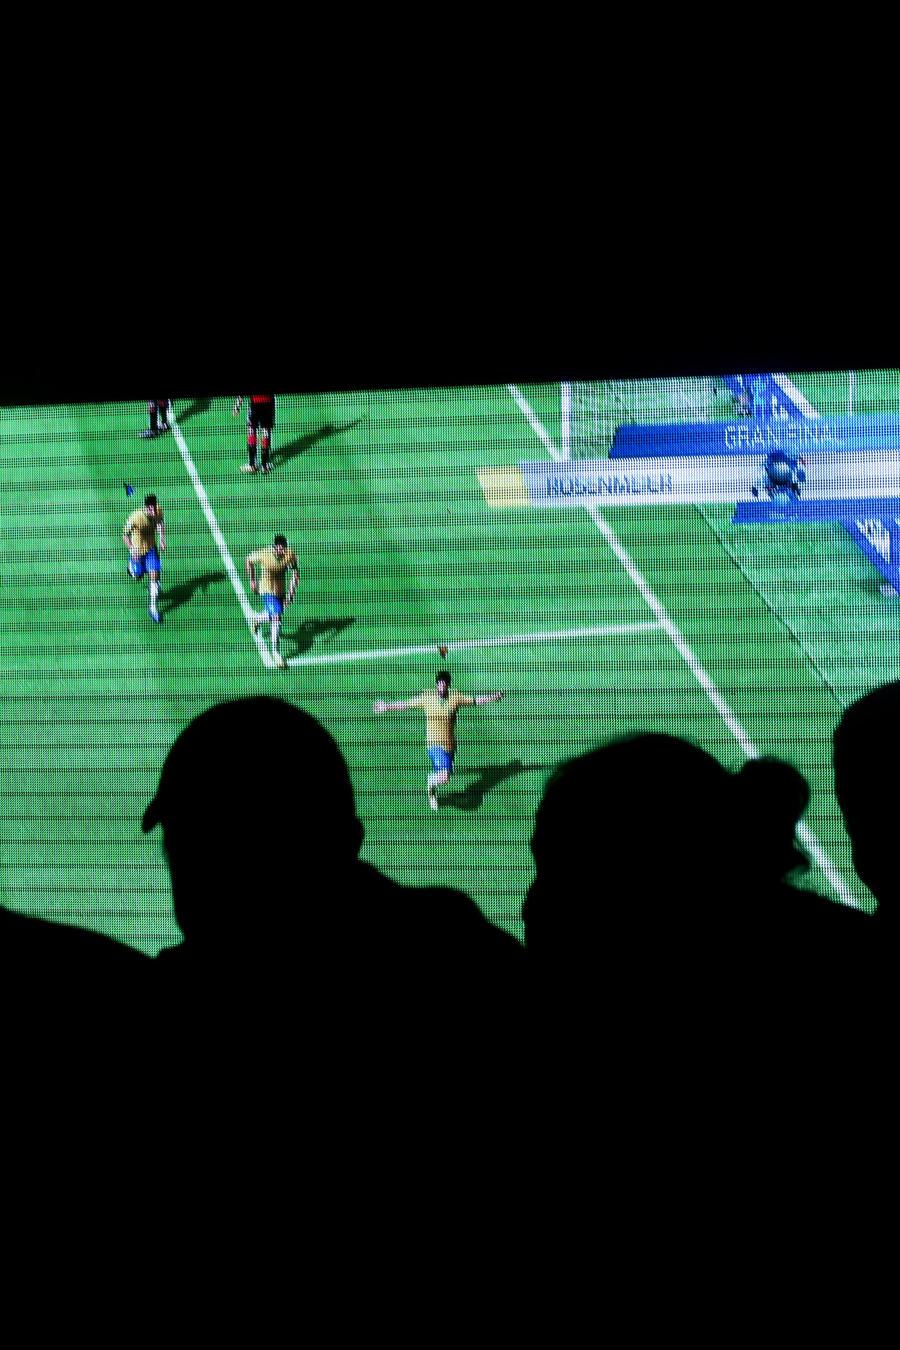 Fotografía de unas personas mirando un partido de fútbol en el Mundial de Brasil 2014.